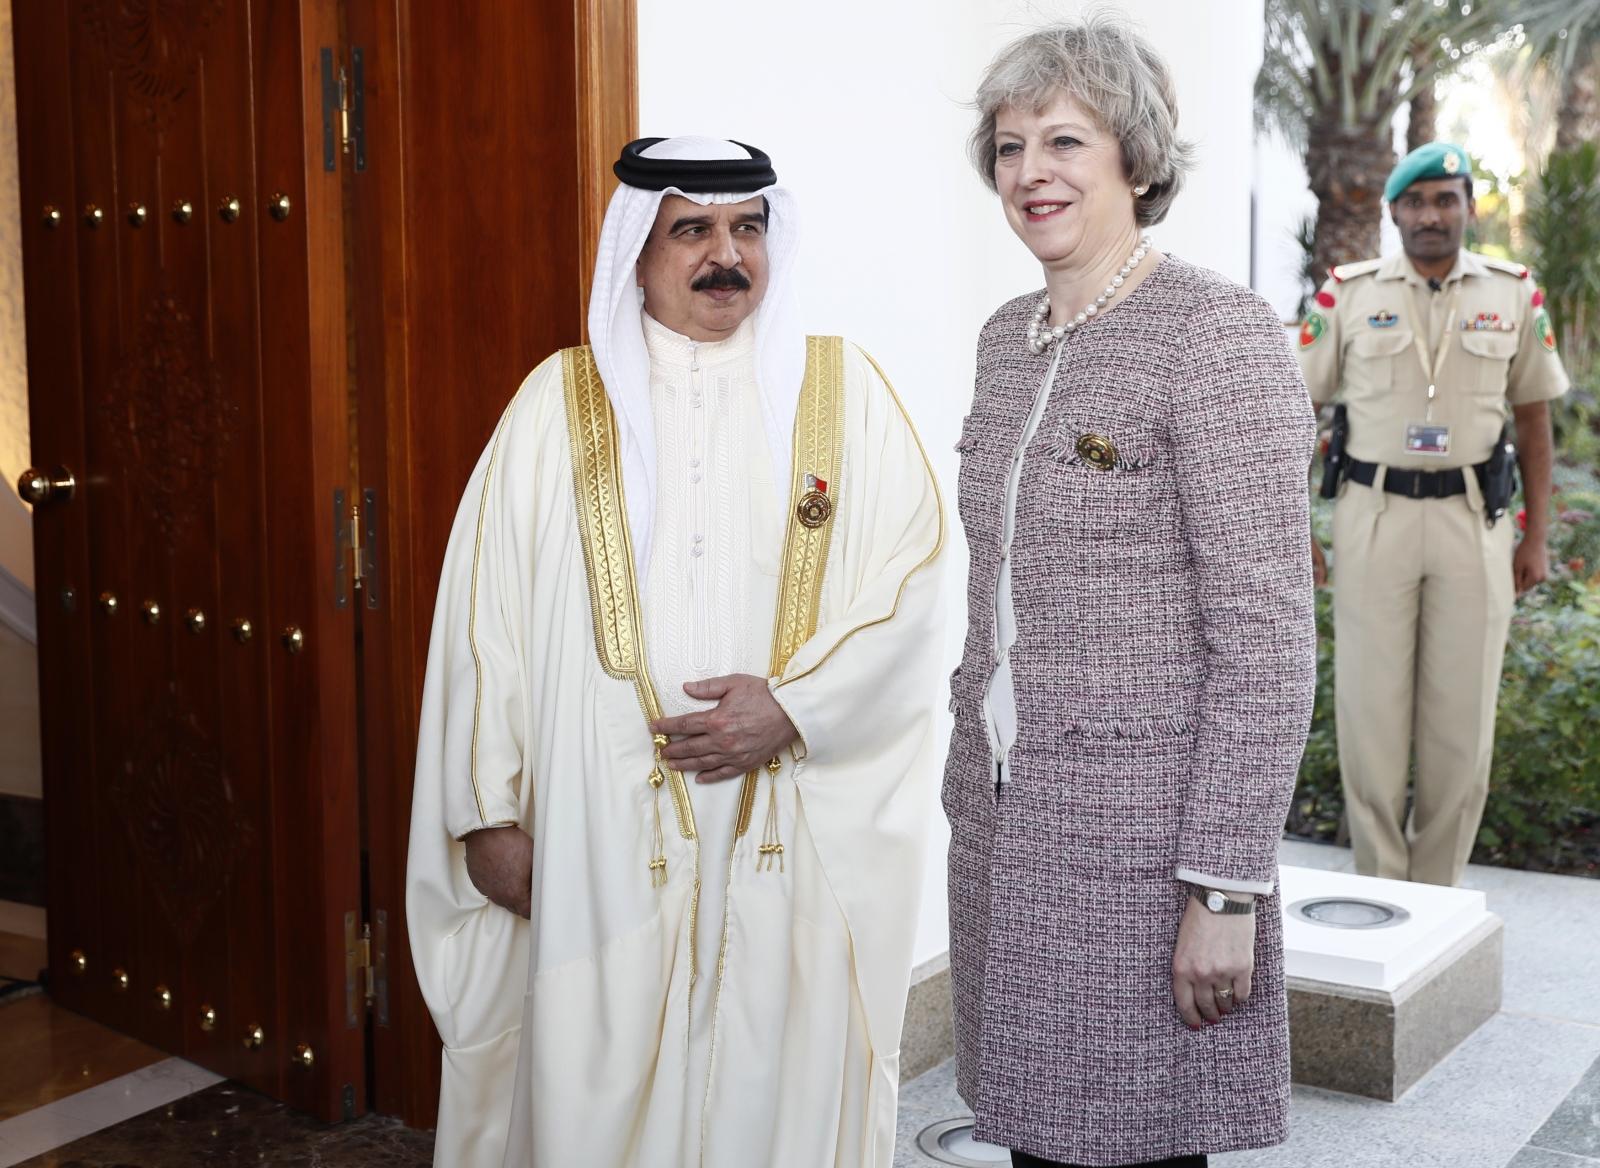 Theresa May King Bahrain 2016